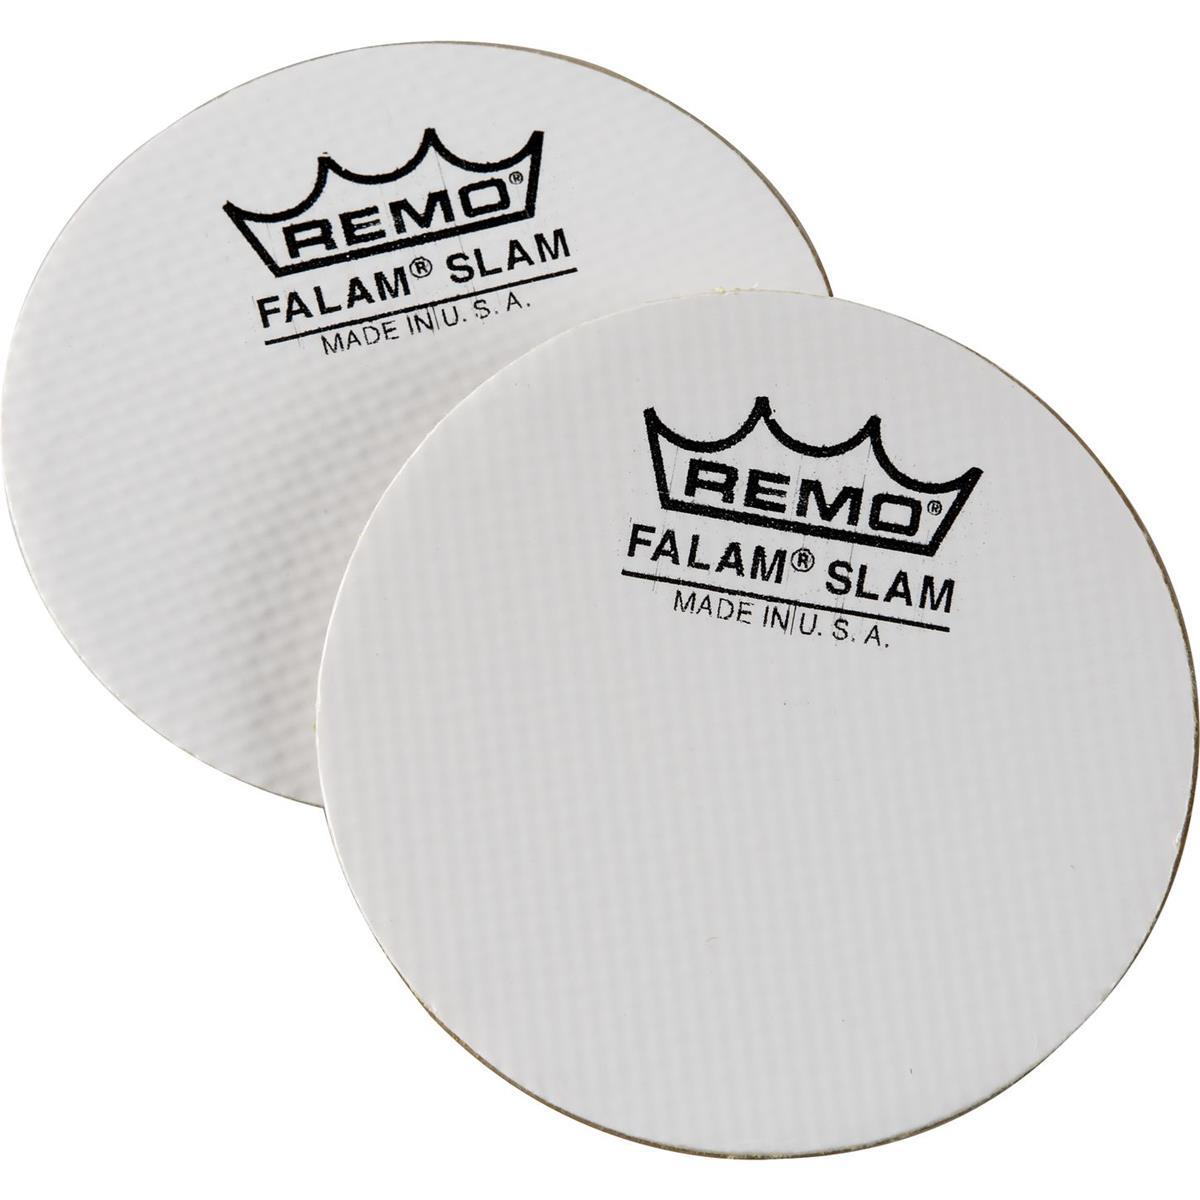 REMO-PAD-FALAM-SLAM-PER-CASSA-sku-1823